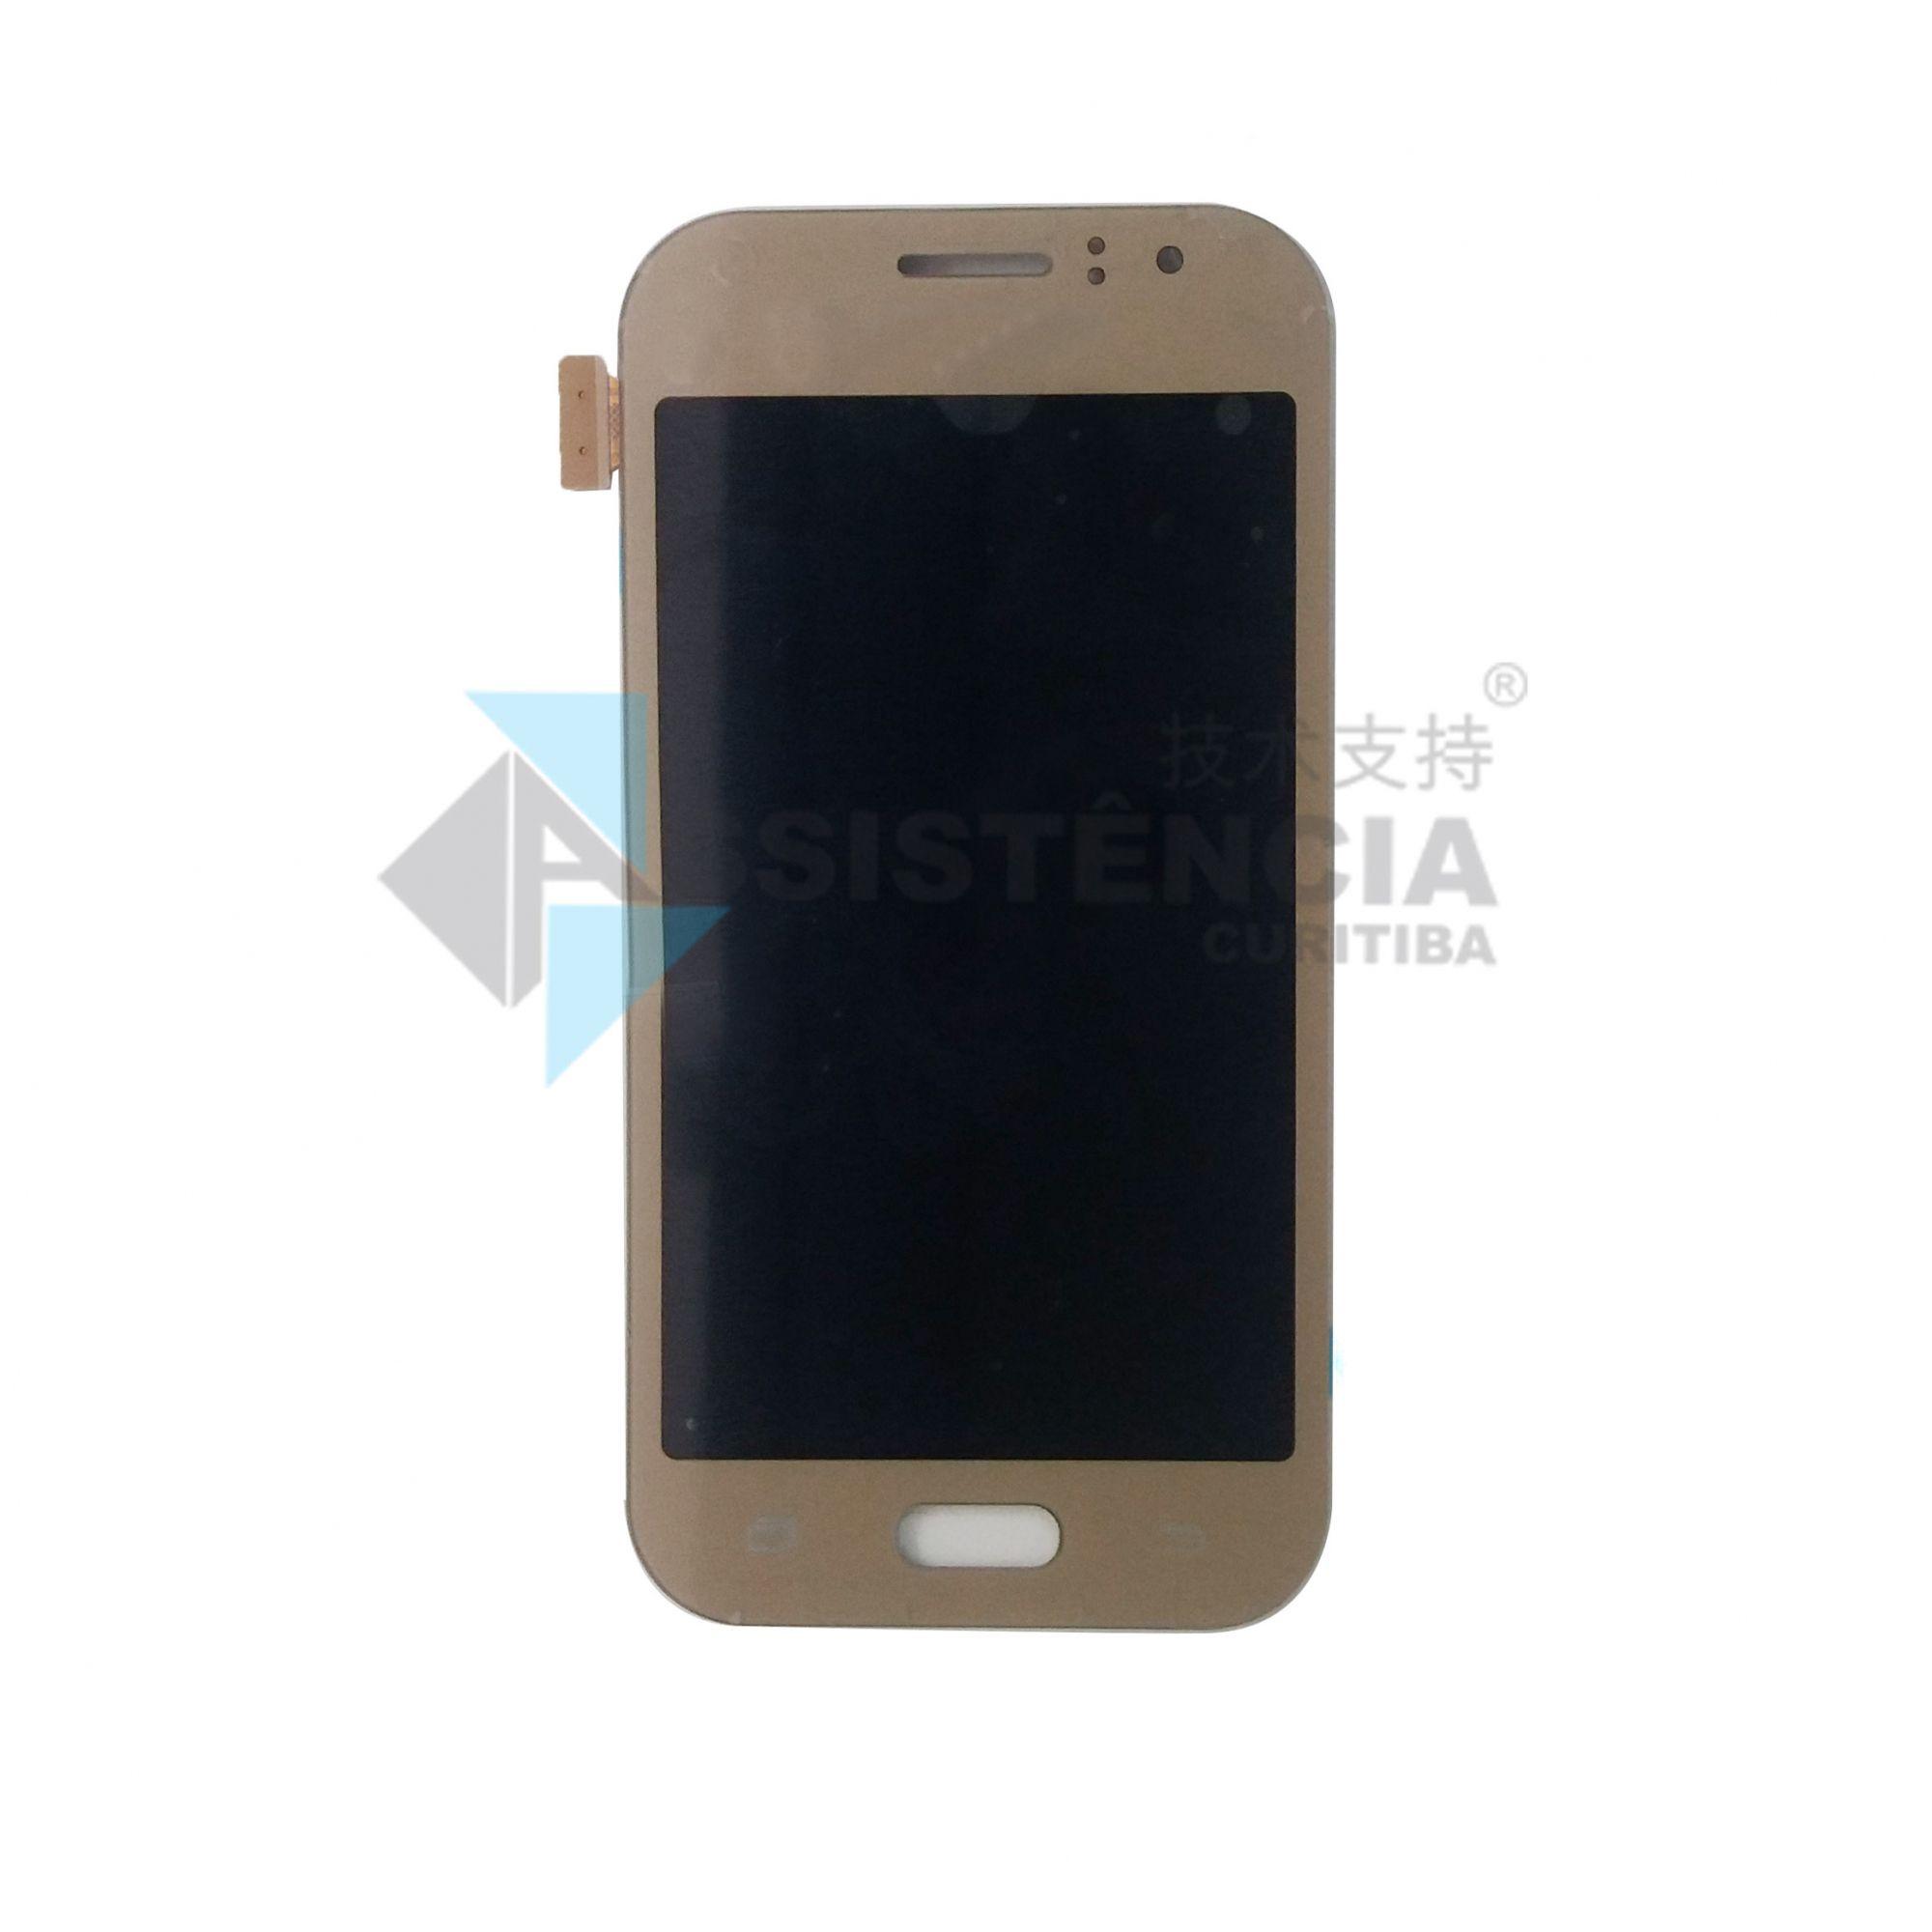 Tela Display Samsung Galaxy J1 Ace J110 Original Dourado